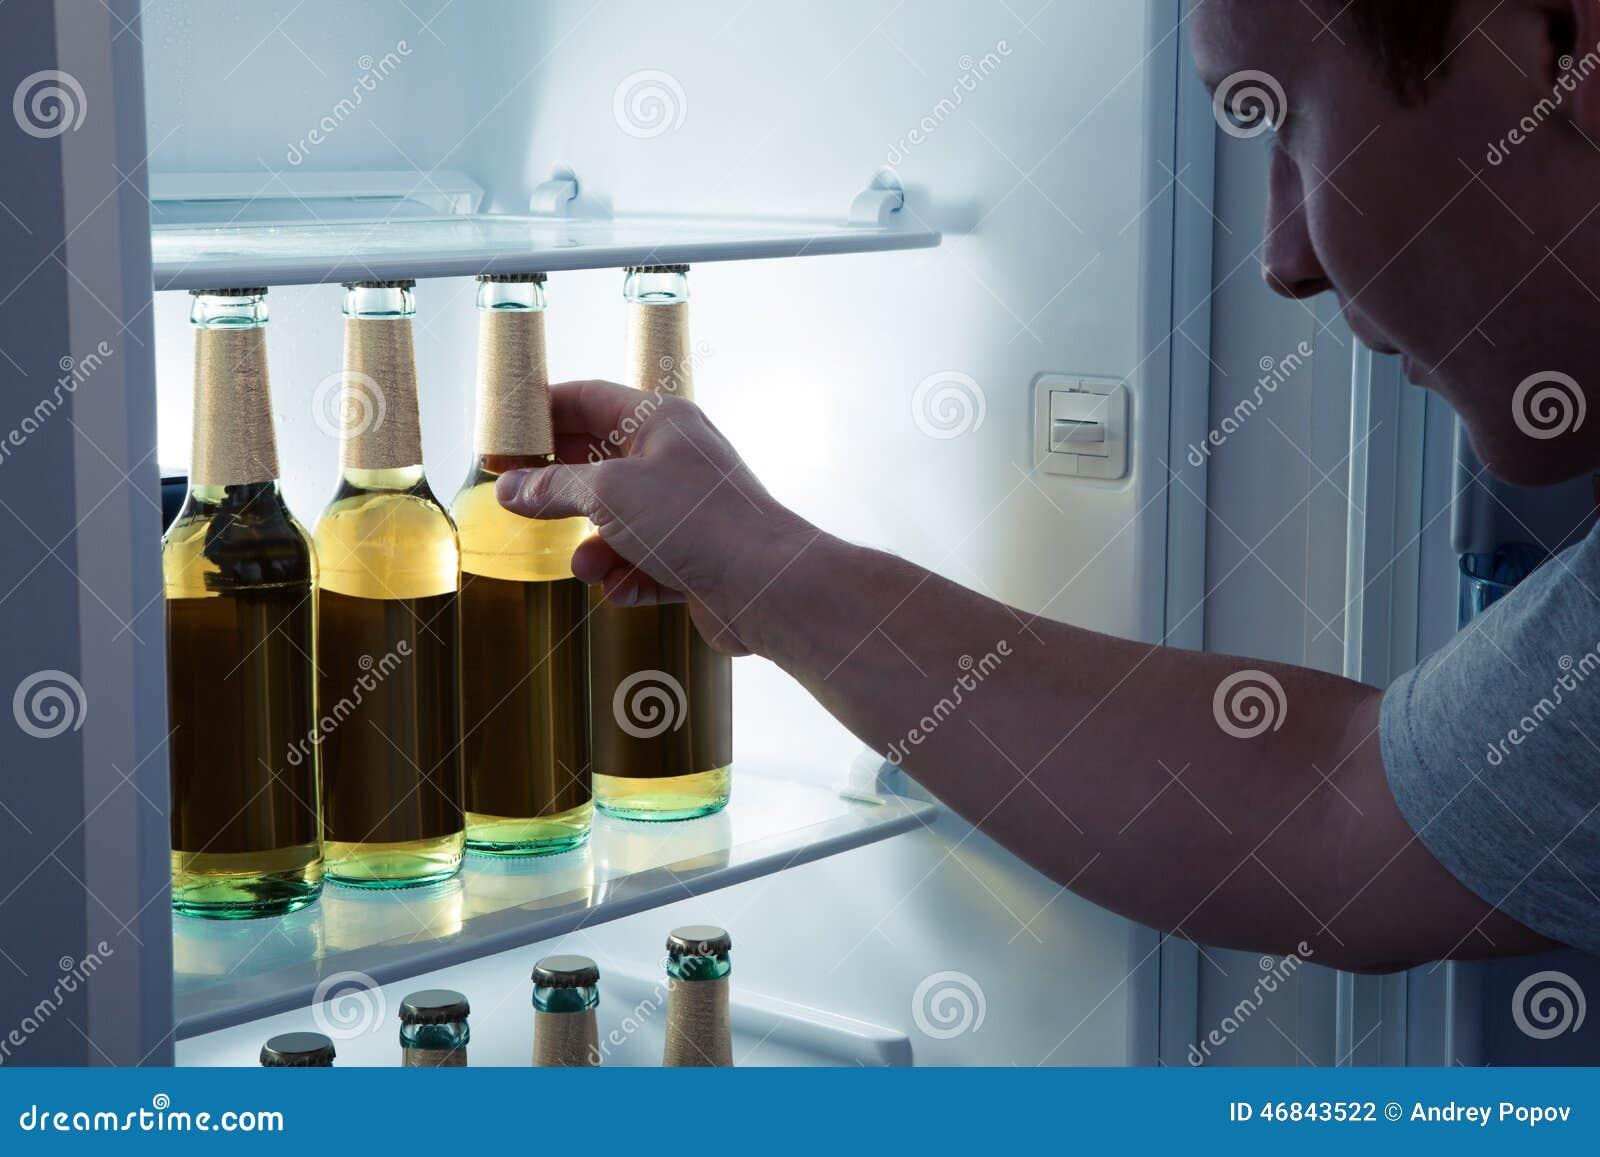 Ziemlich Bier Kühlschrank Galerie - Die Besten Wohnideen ...